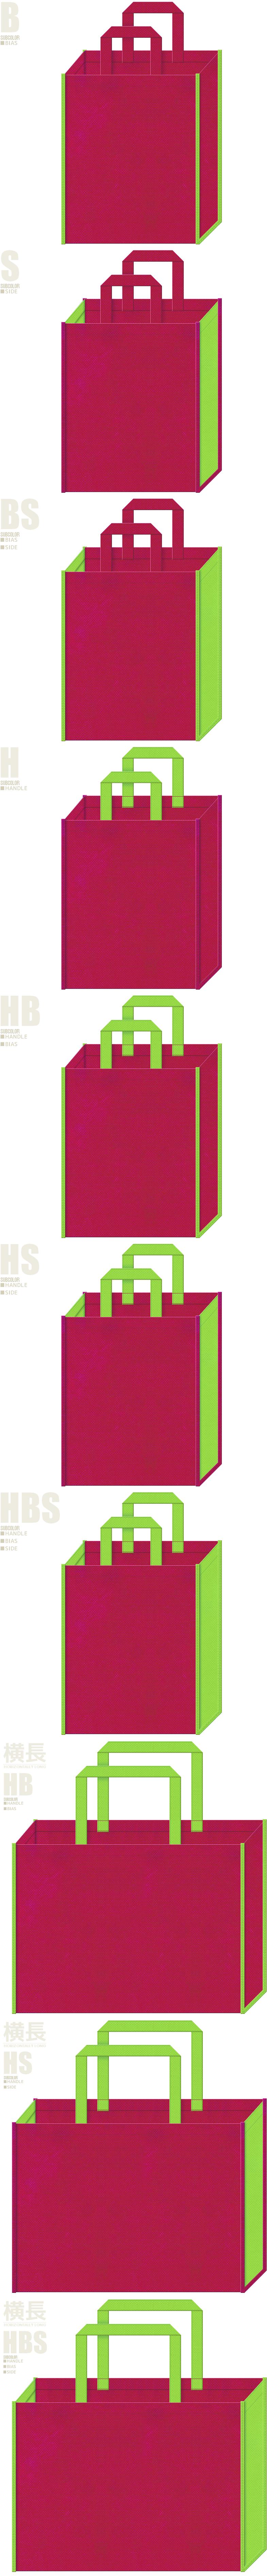 ロールプレイングゲーム・ロードレース・スポーツイベント・ドラゴンフルーツ・南国・トロピカル・カクテル・リゾート・トラベルバッグ・女子スポーツにお奨めの不織布バッグデザイン:濃いピンク色と黄緑色の配色7パターン